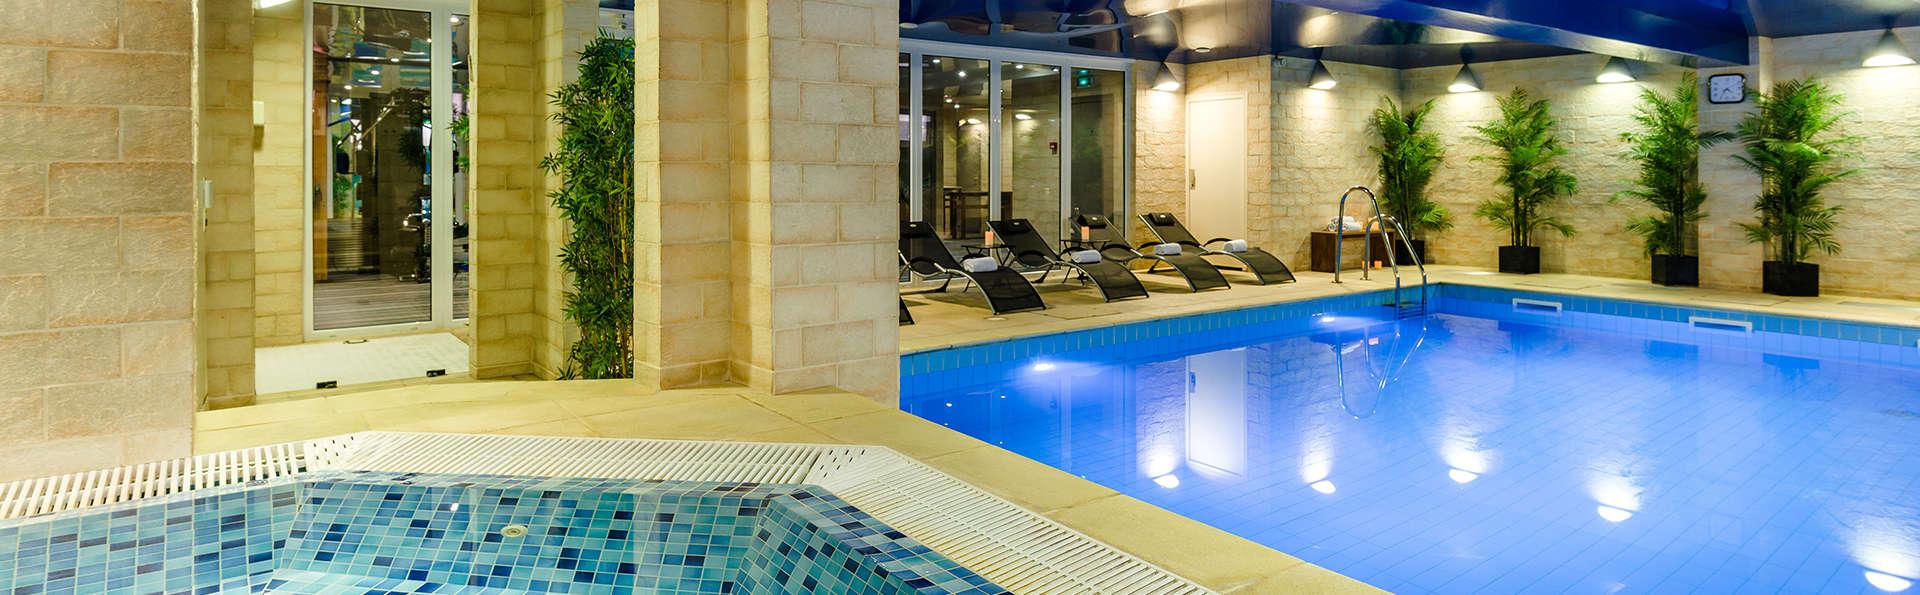 Hotel Formule  Clichy